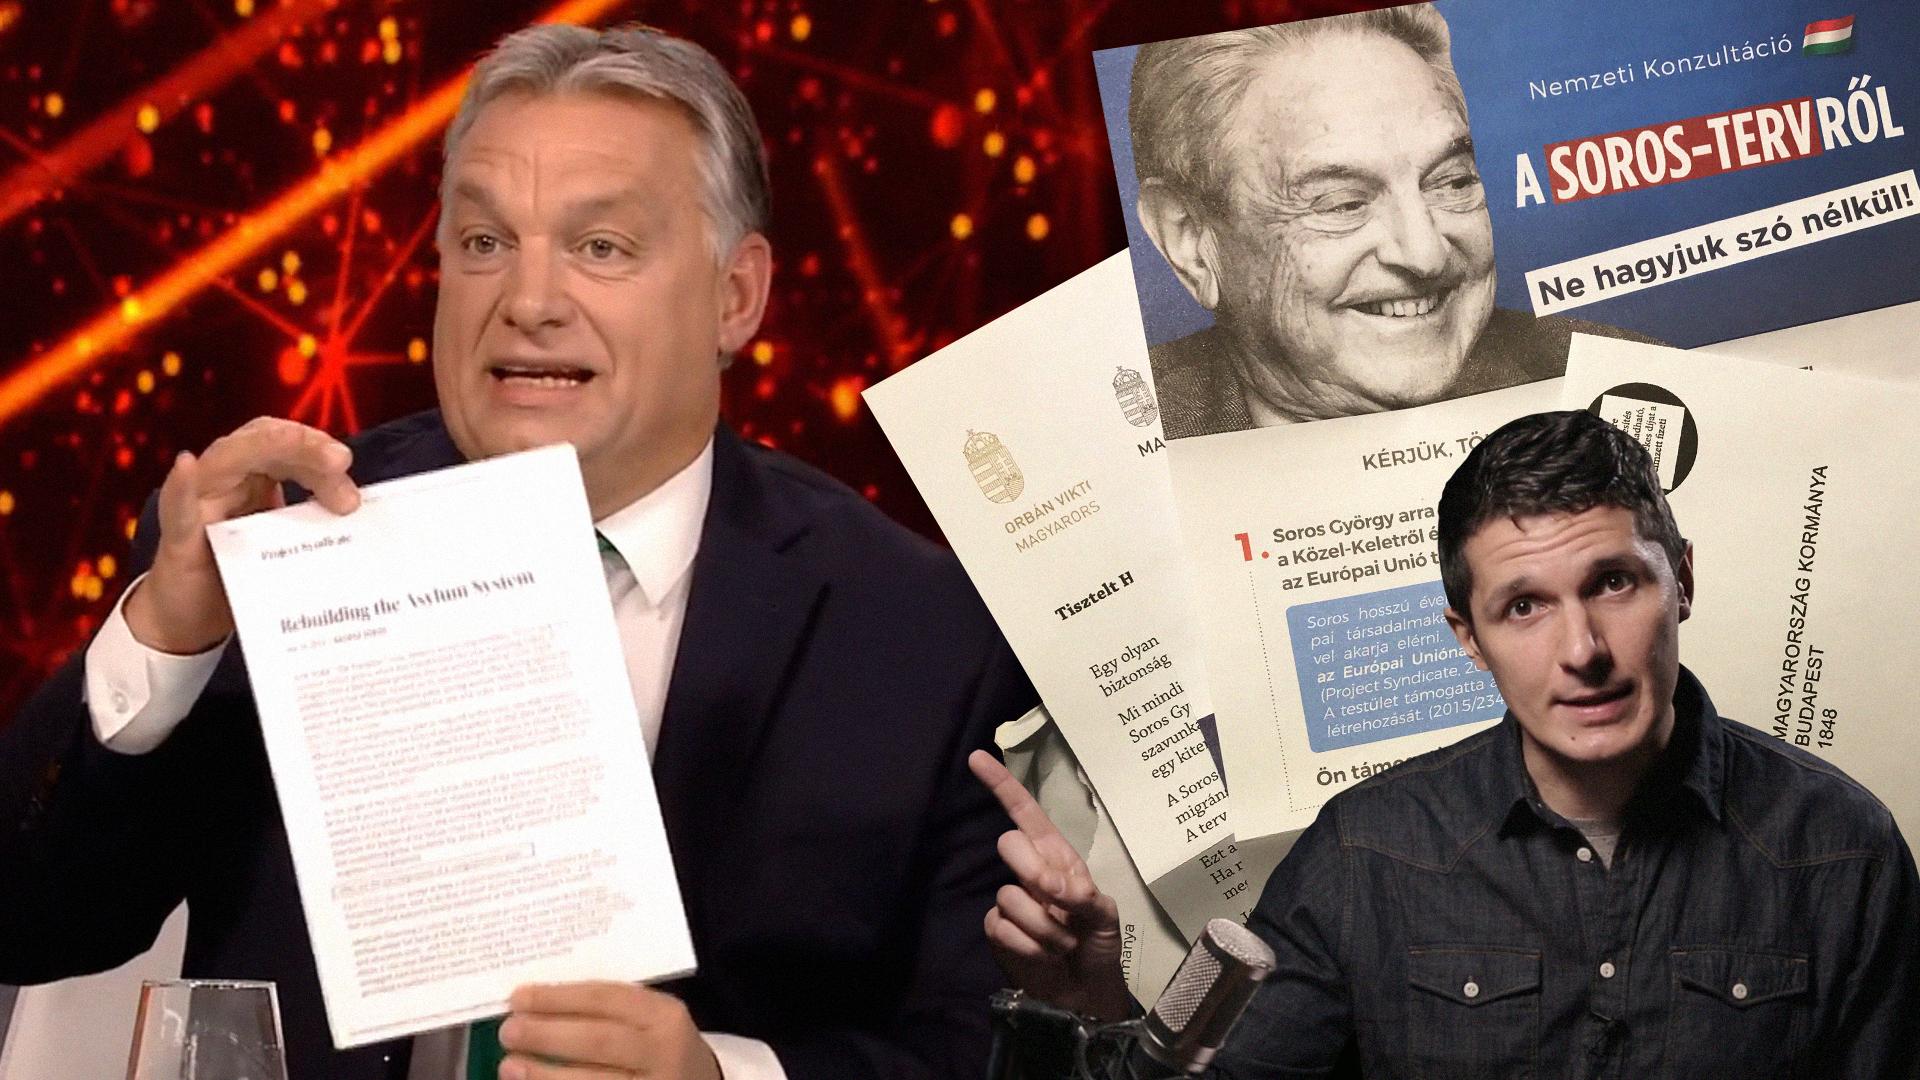 Élő adásban omlik a Fideszre a Soros-valóságshow